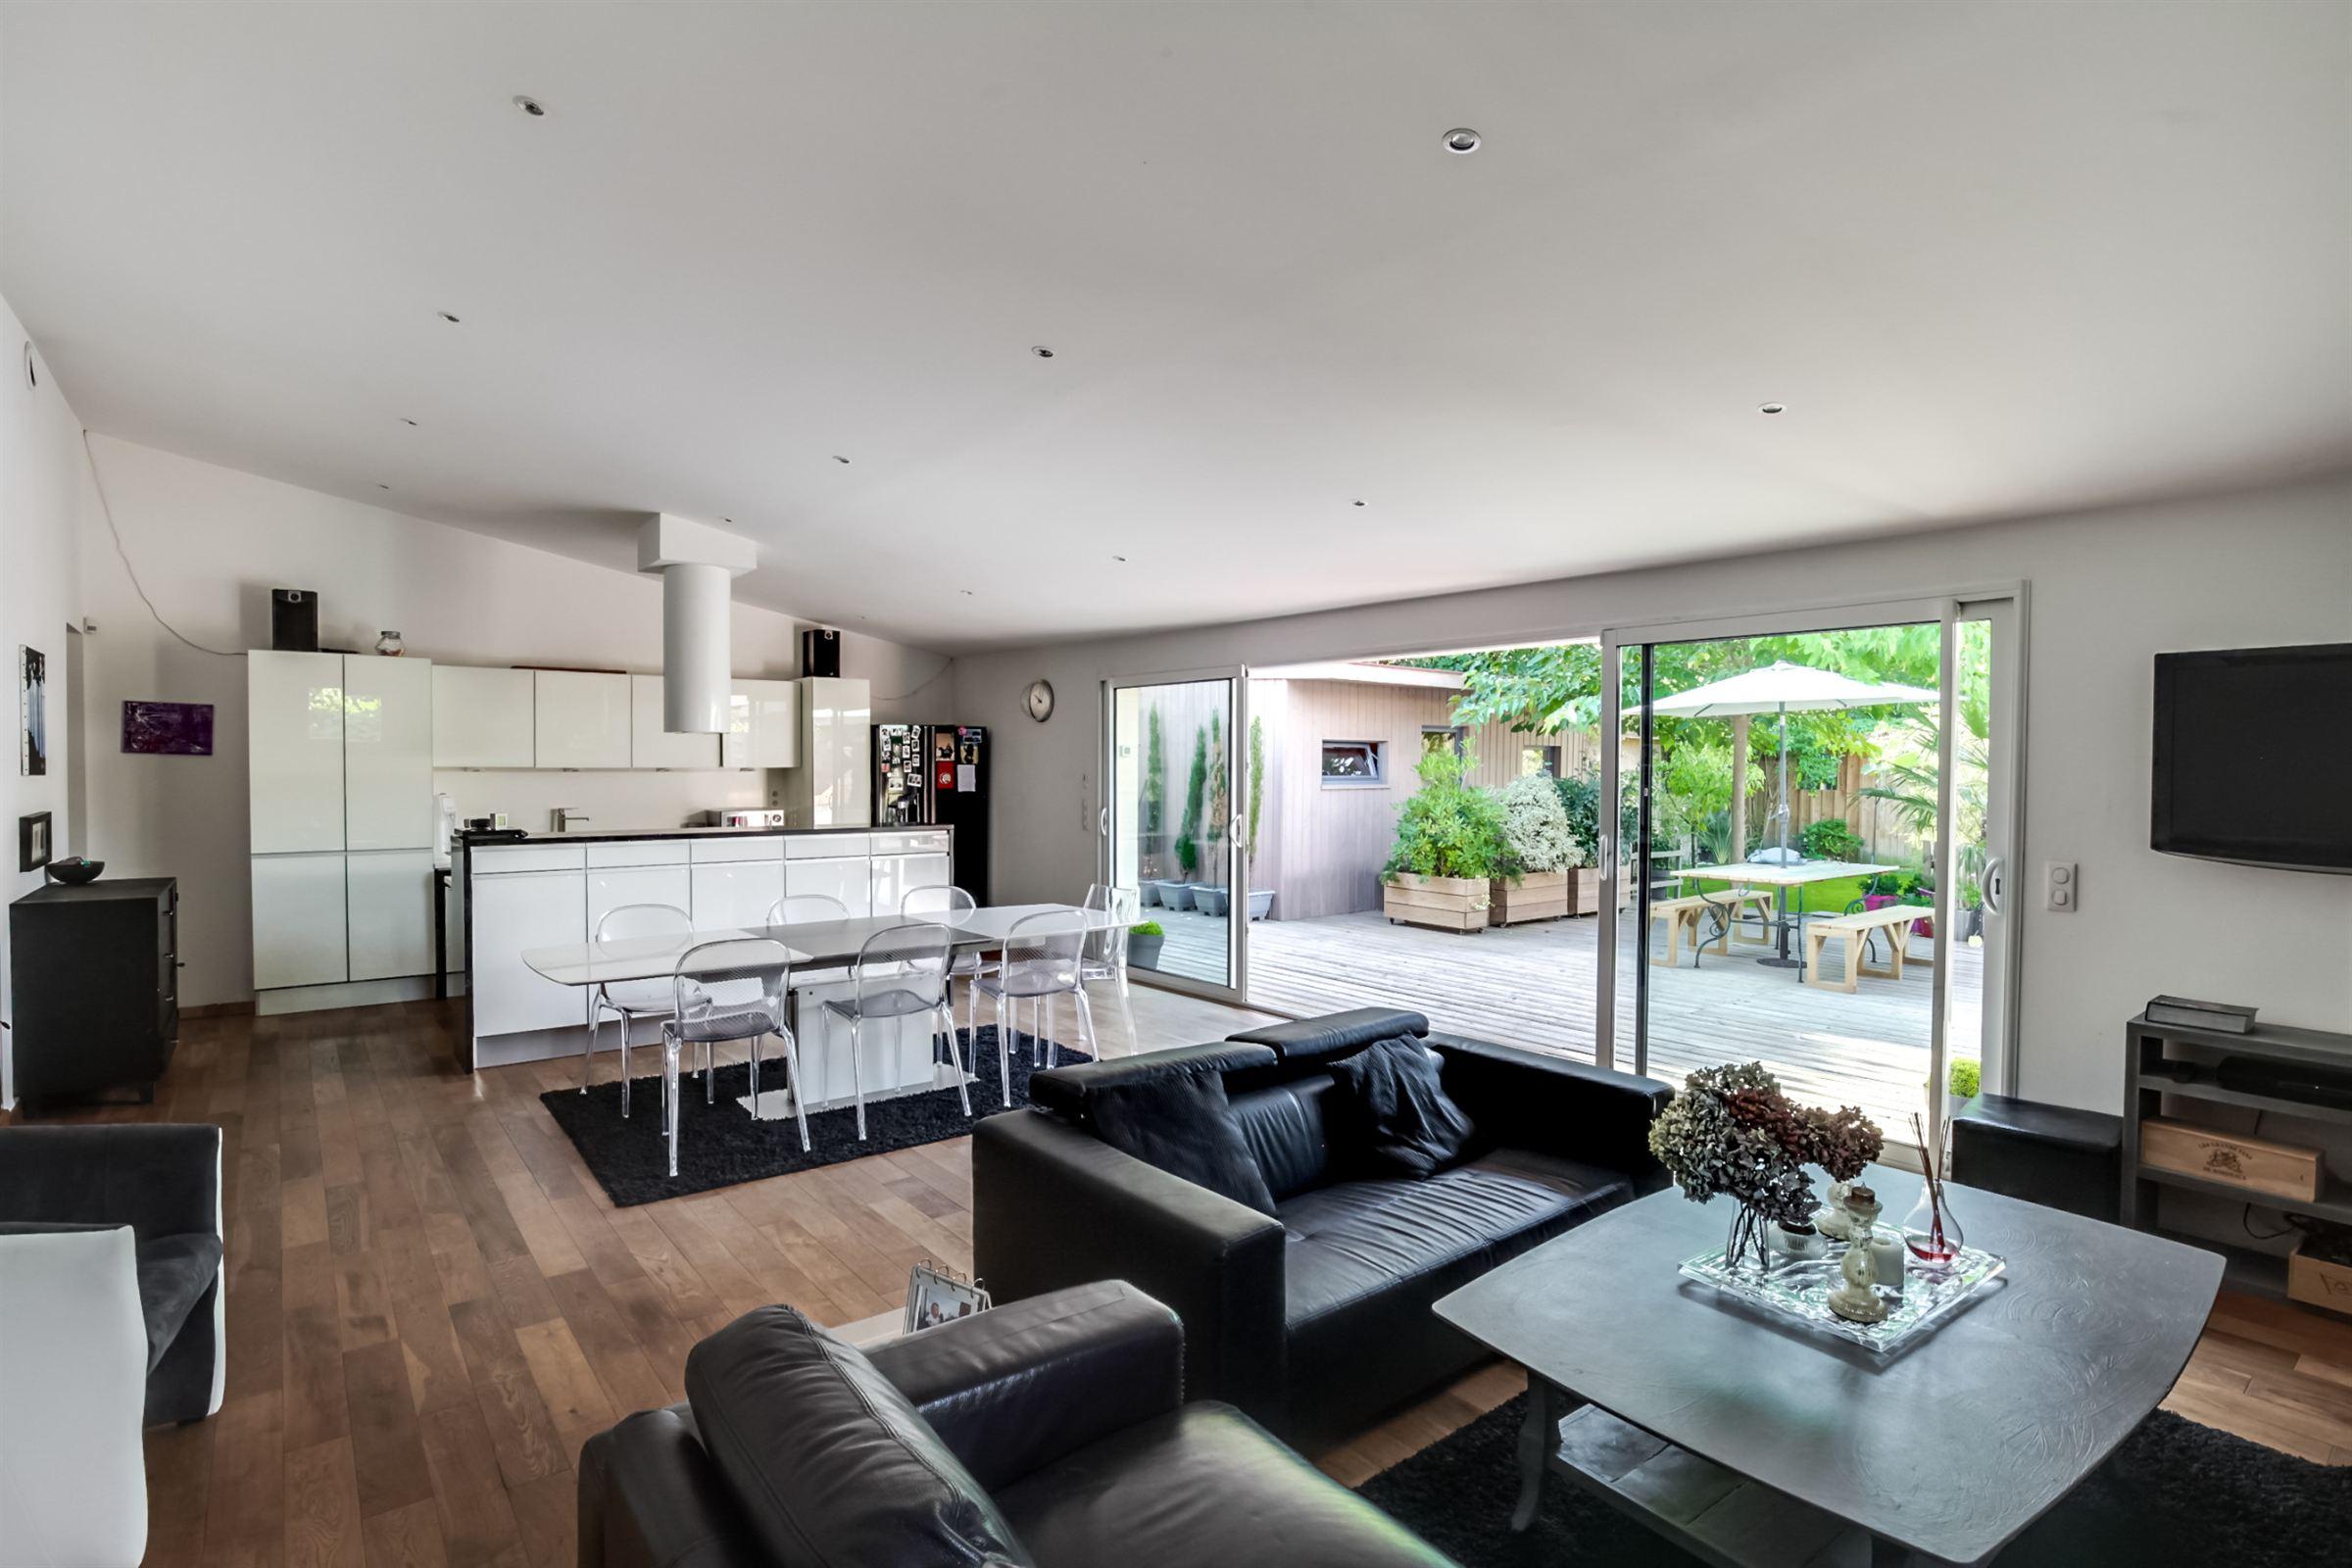 Einfamilienhaus für Verkauf beim BORDEAUX CAUDERAN MAISON EN PIERRE DE PLAIN-PIED AVEC PISCINE Bordeaux, Aquitanien, 33200 Frankreich